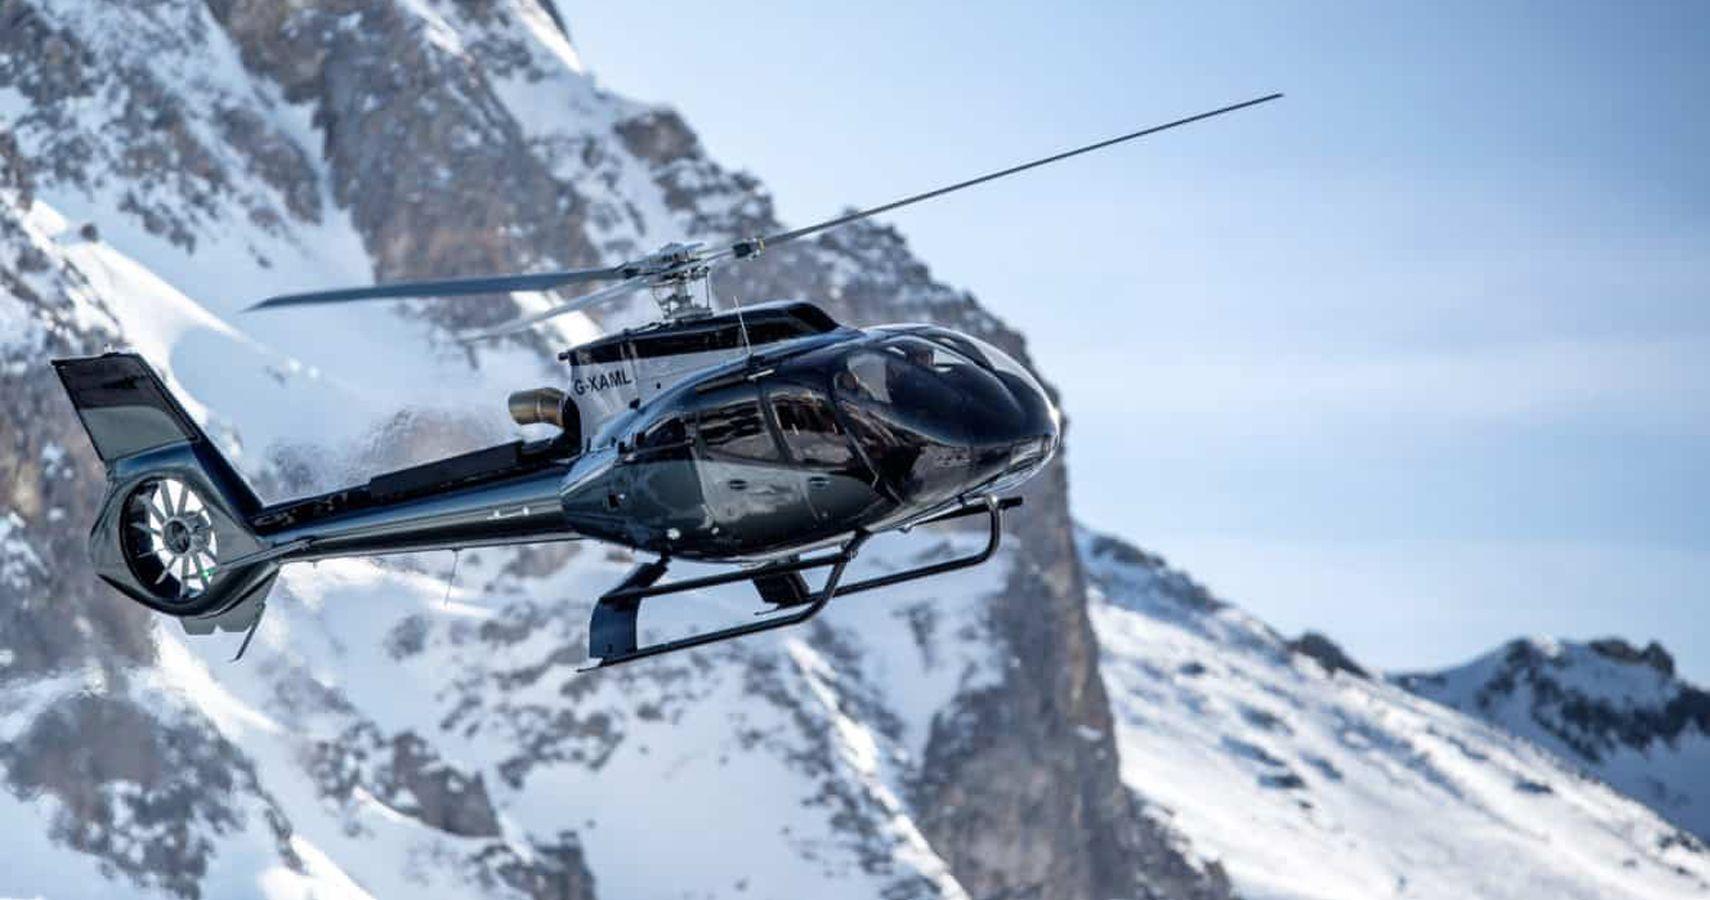 Airbus ACH130 Aston Martin Edition Chopper Scores Global Deals